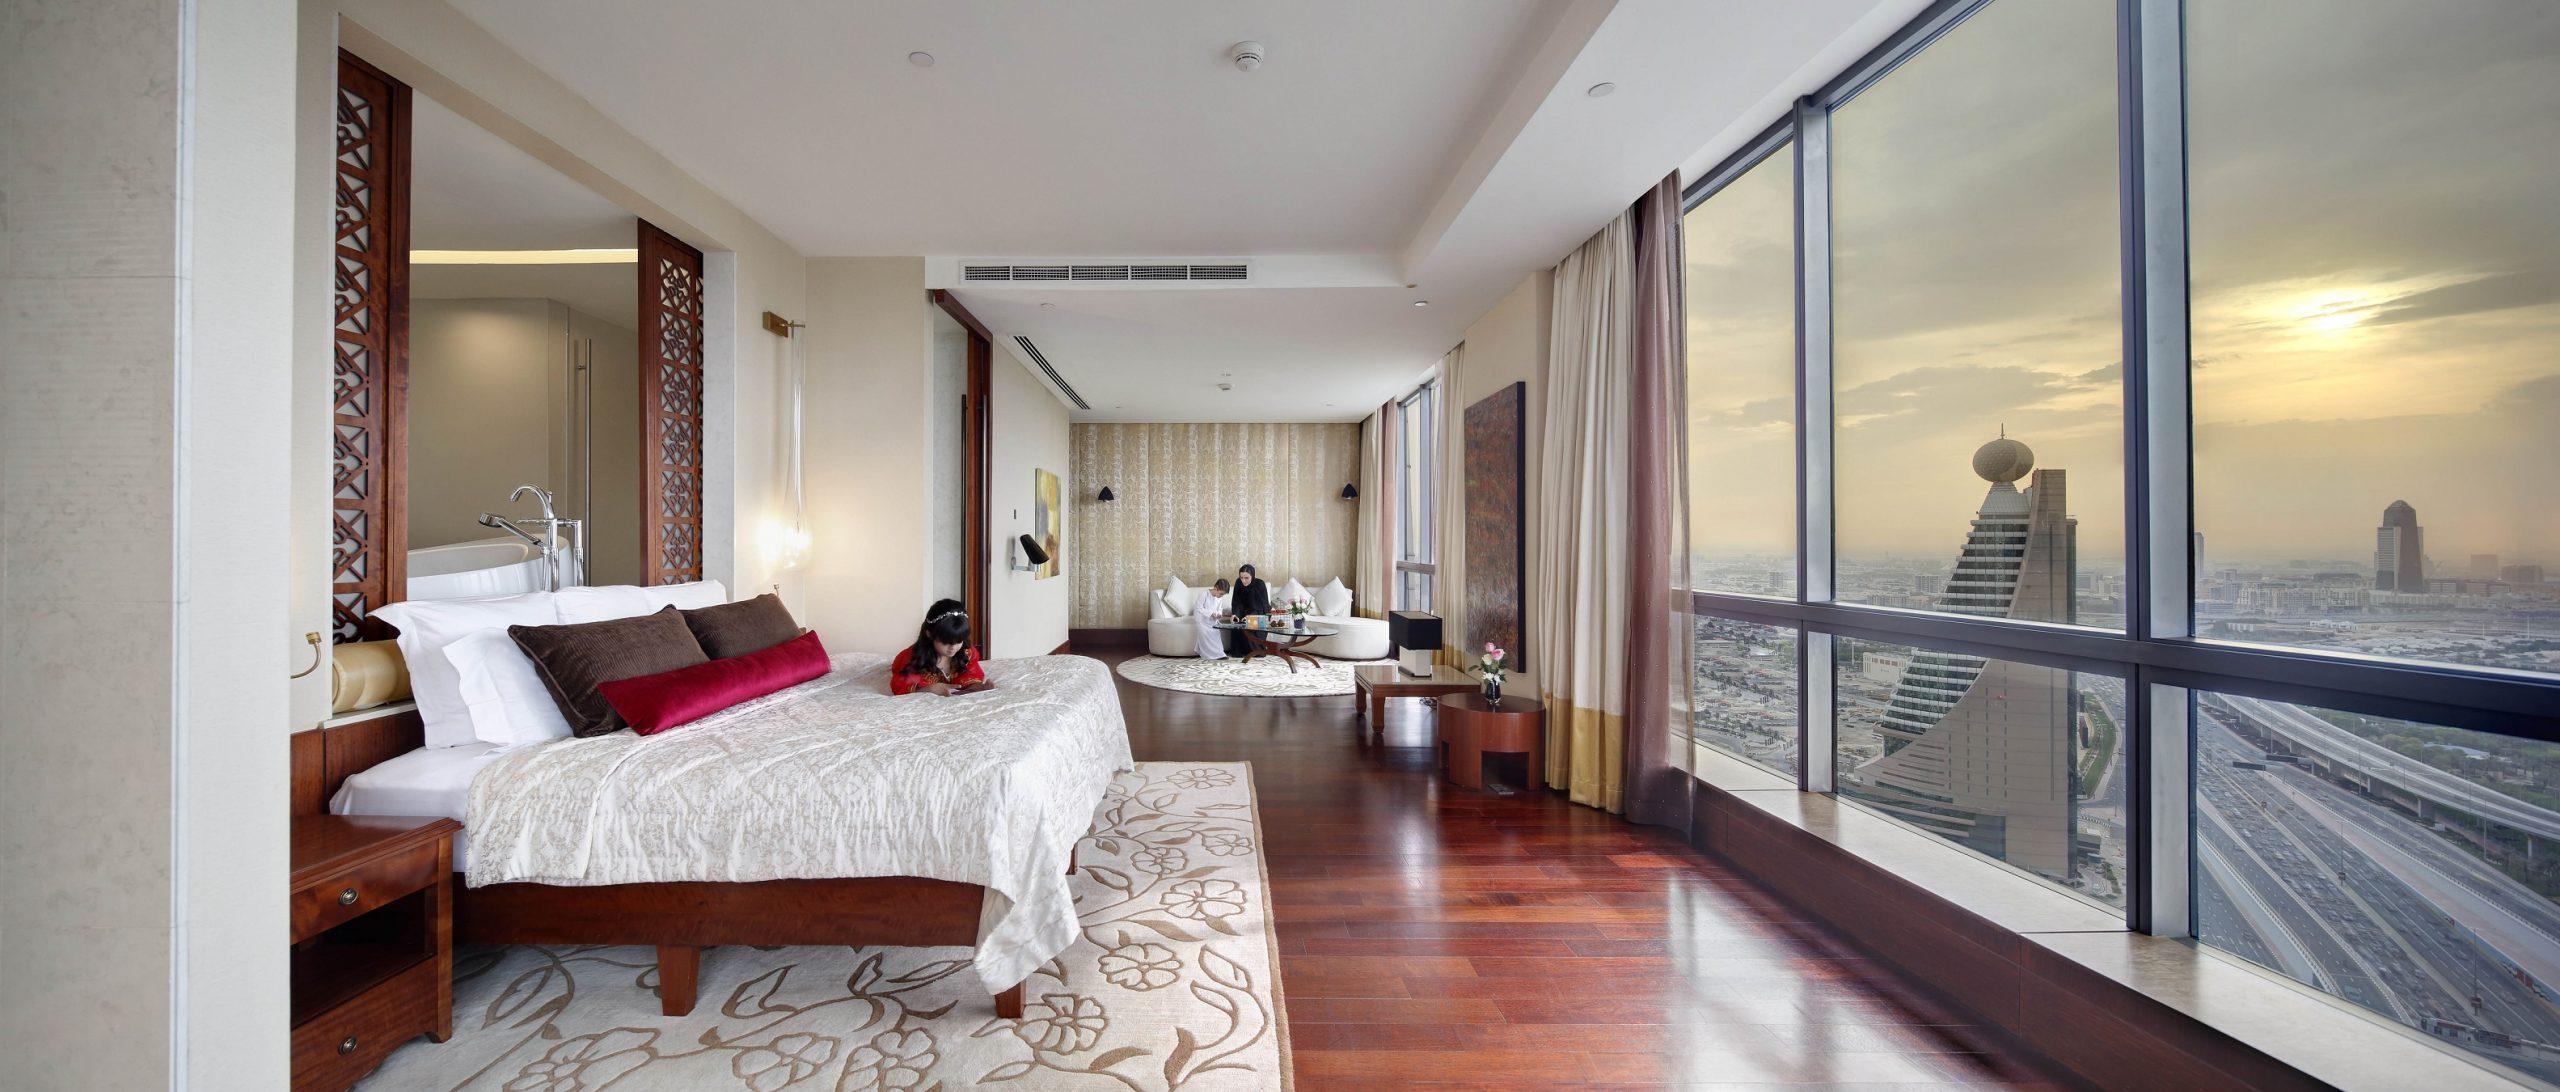 فندق ذا إتش دبي